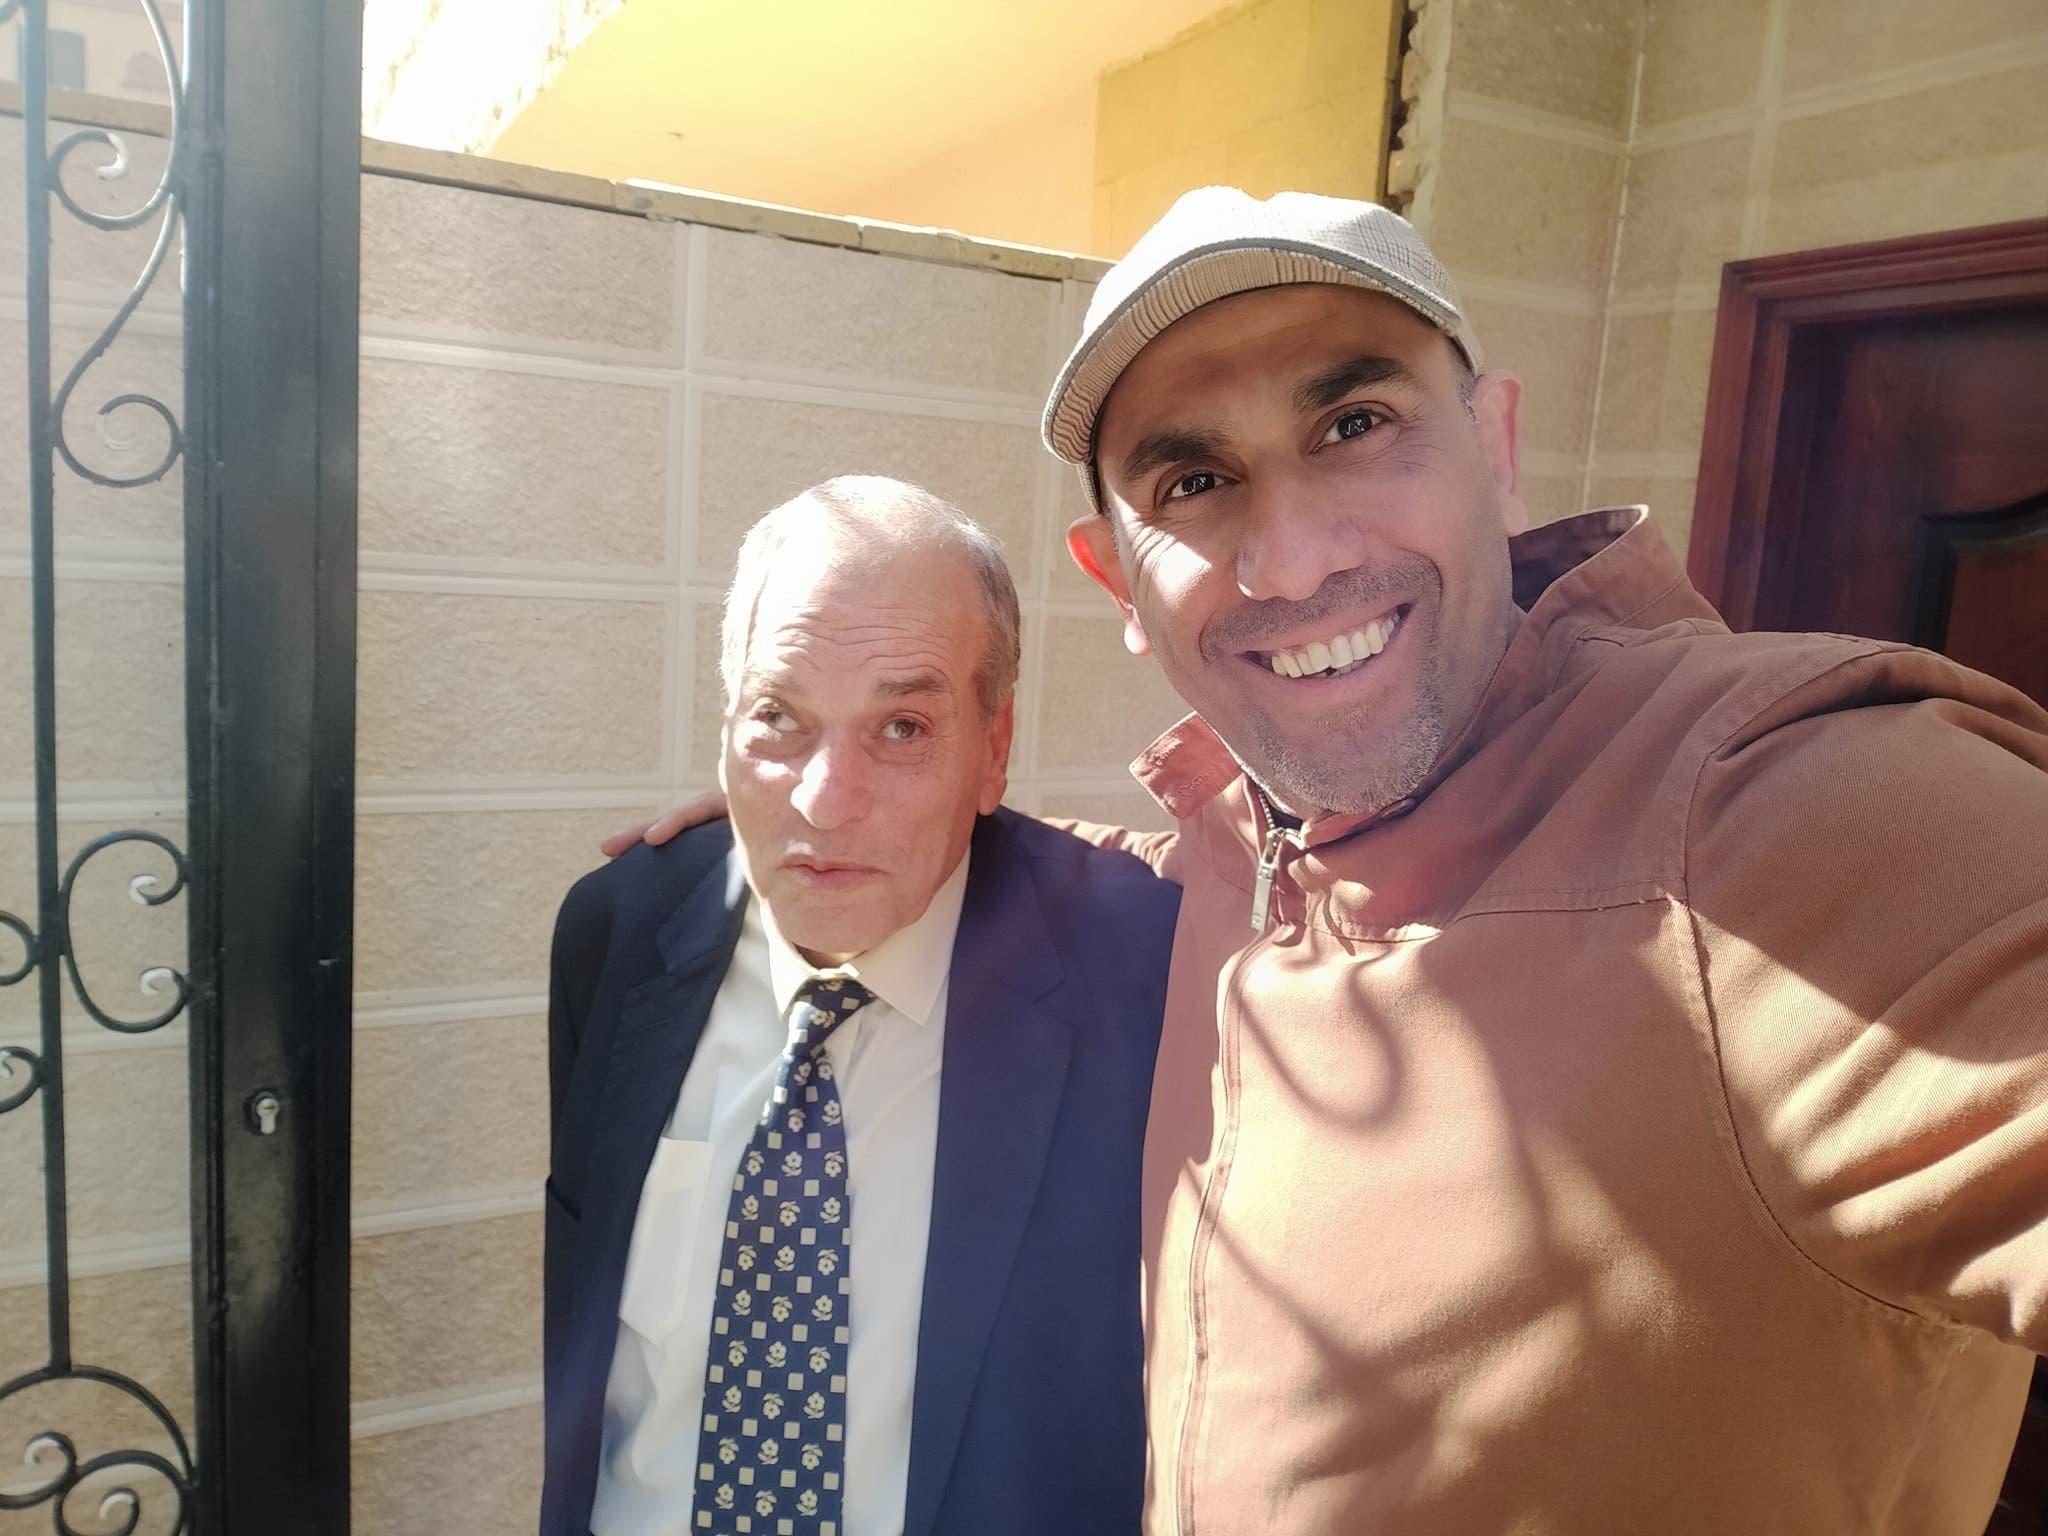 عبد الباسط صاحب المطعم مع أحد الفنانين